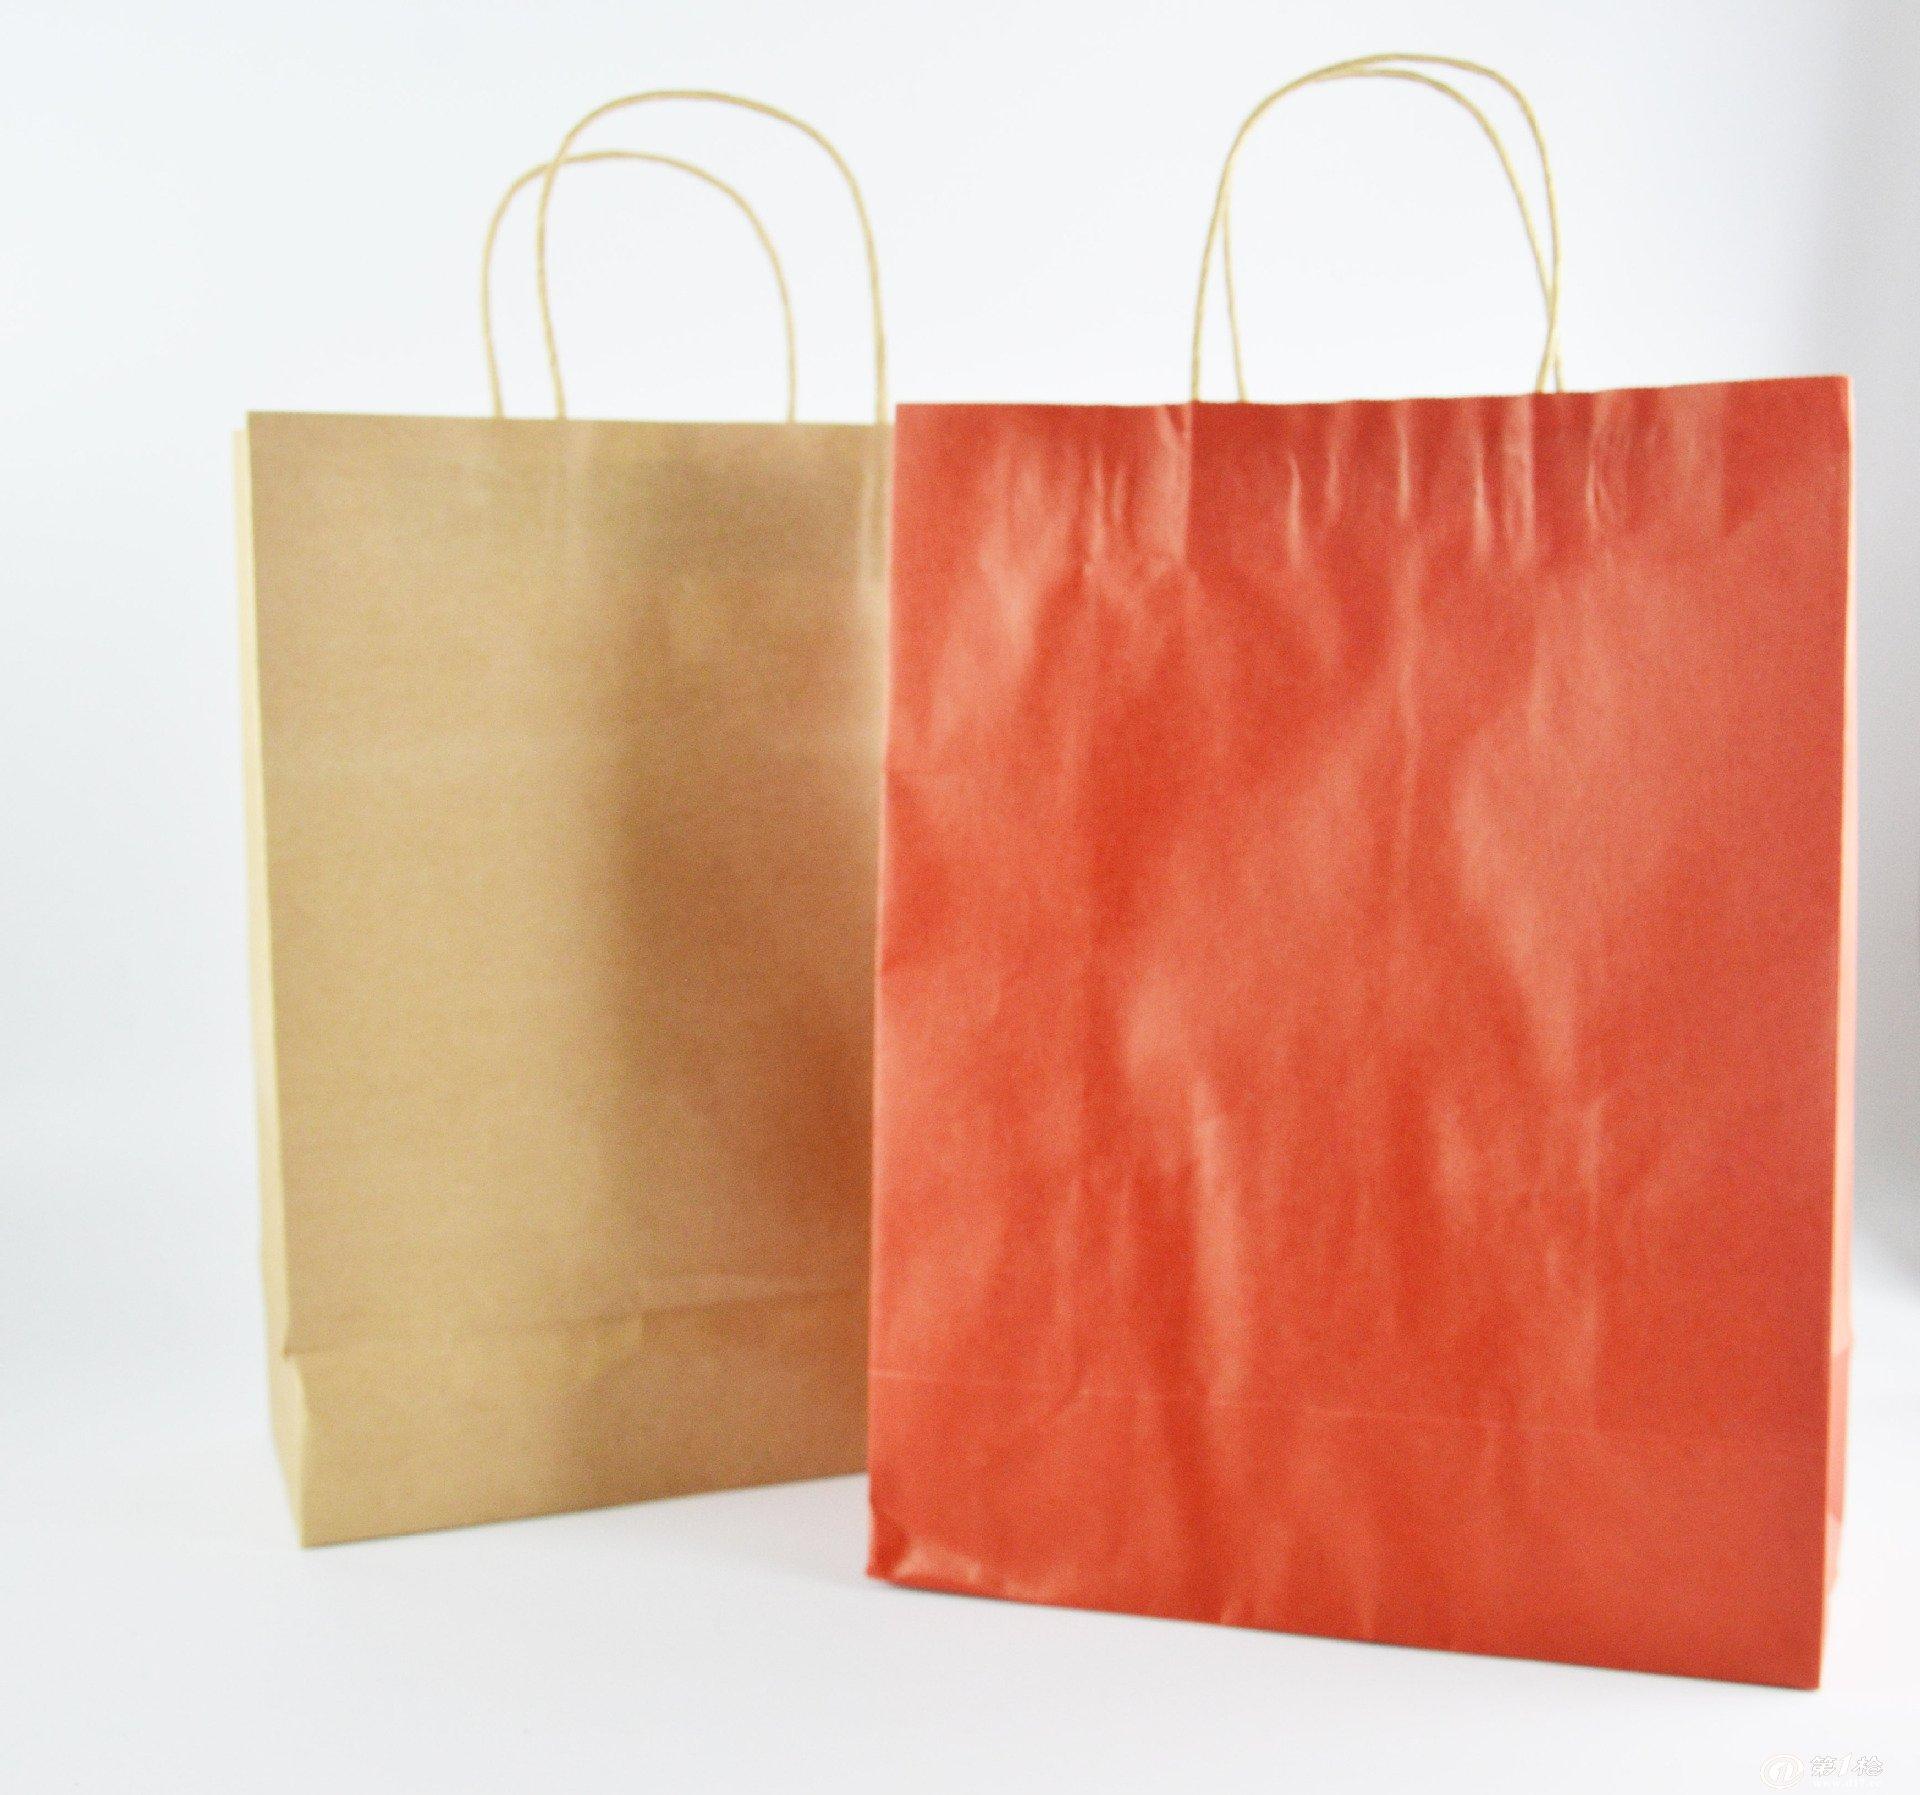 牛皮纸袋 手提袋 服装包装袋 通用纸袋 礼品袋子专业订做批发定制